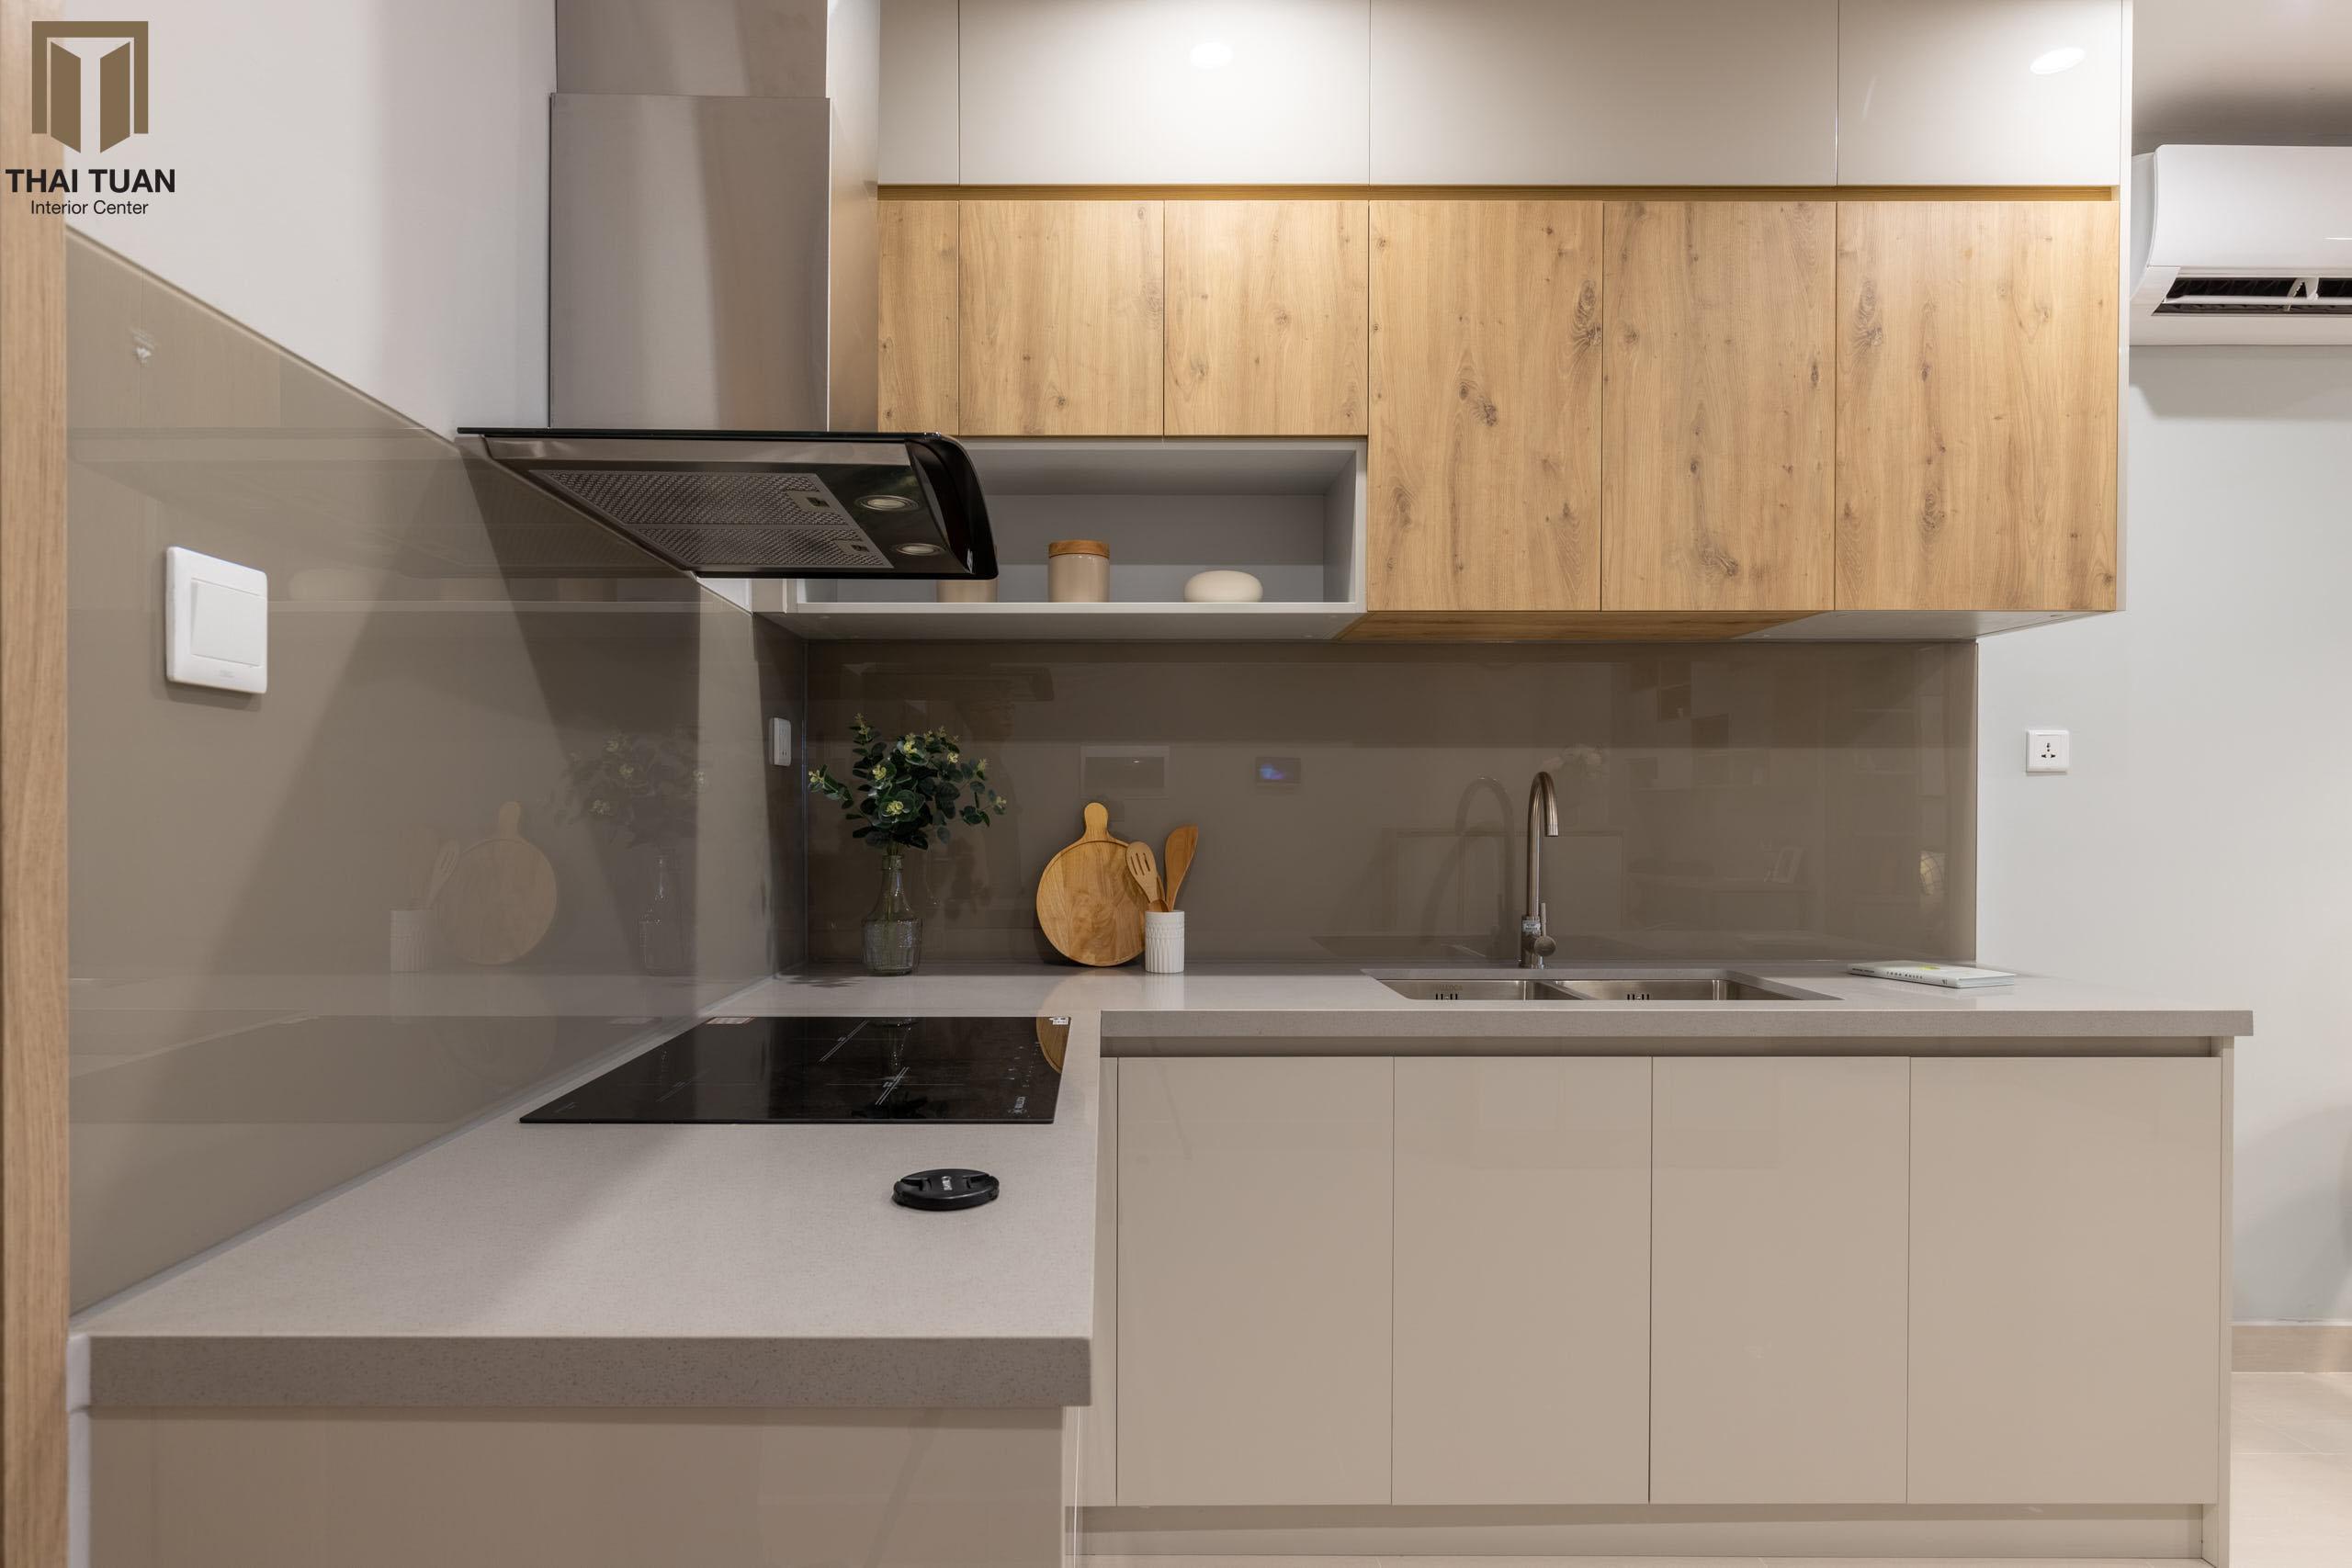 Tủ bếp chữ L mix vật liệu bề mặt Laminate gỗ và Acrylic bóng gương